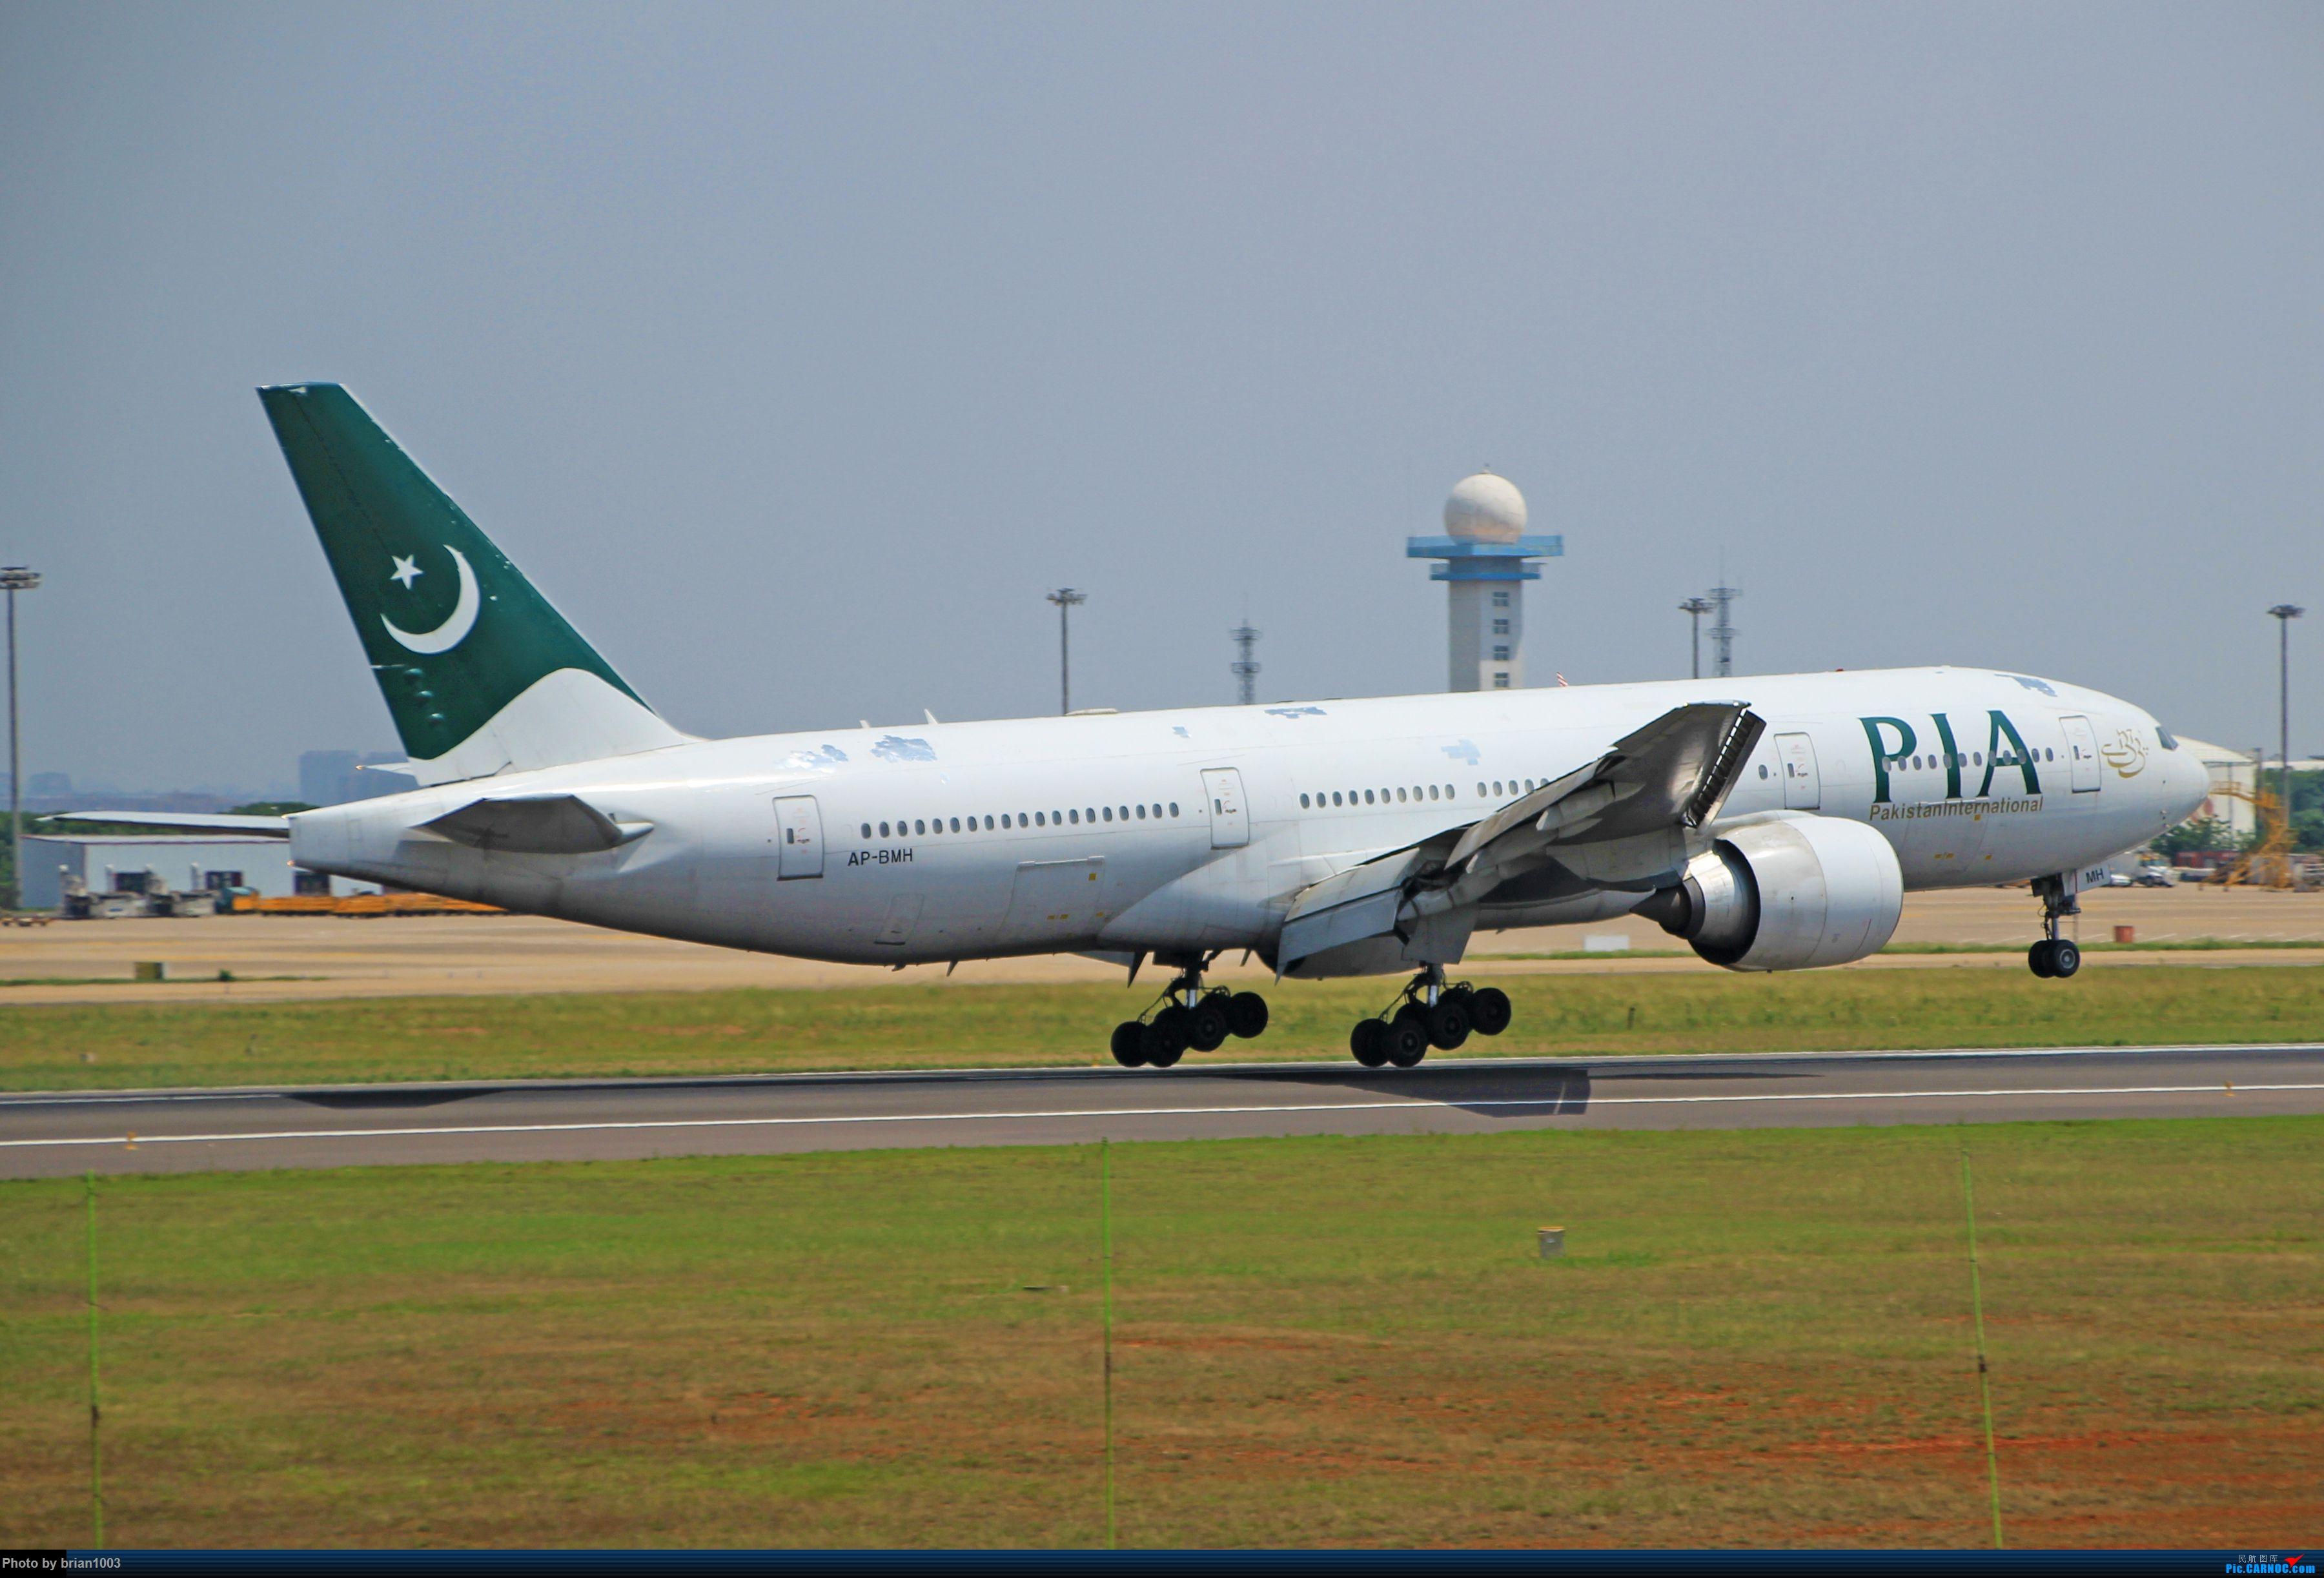 Re:[原创]WUH天河机场拍机之六月还有啥(X7家744F、天津航空333) BOEING 777-200ER AP-BMH 中国武汉天河国际机场